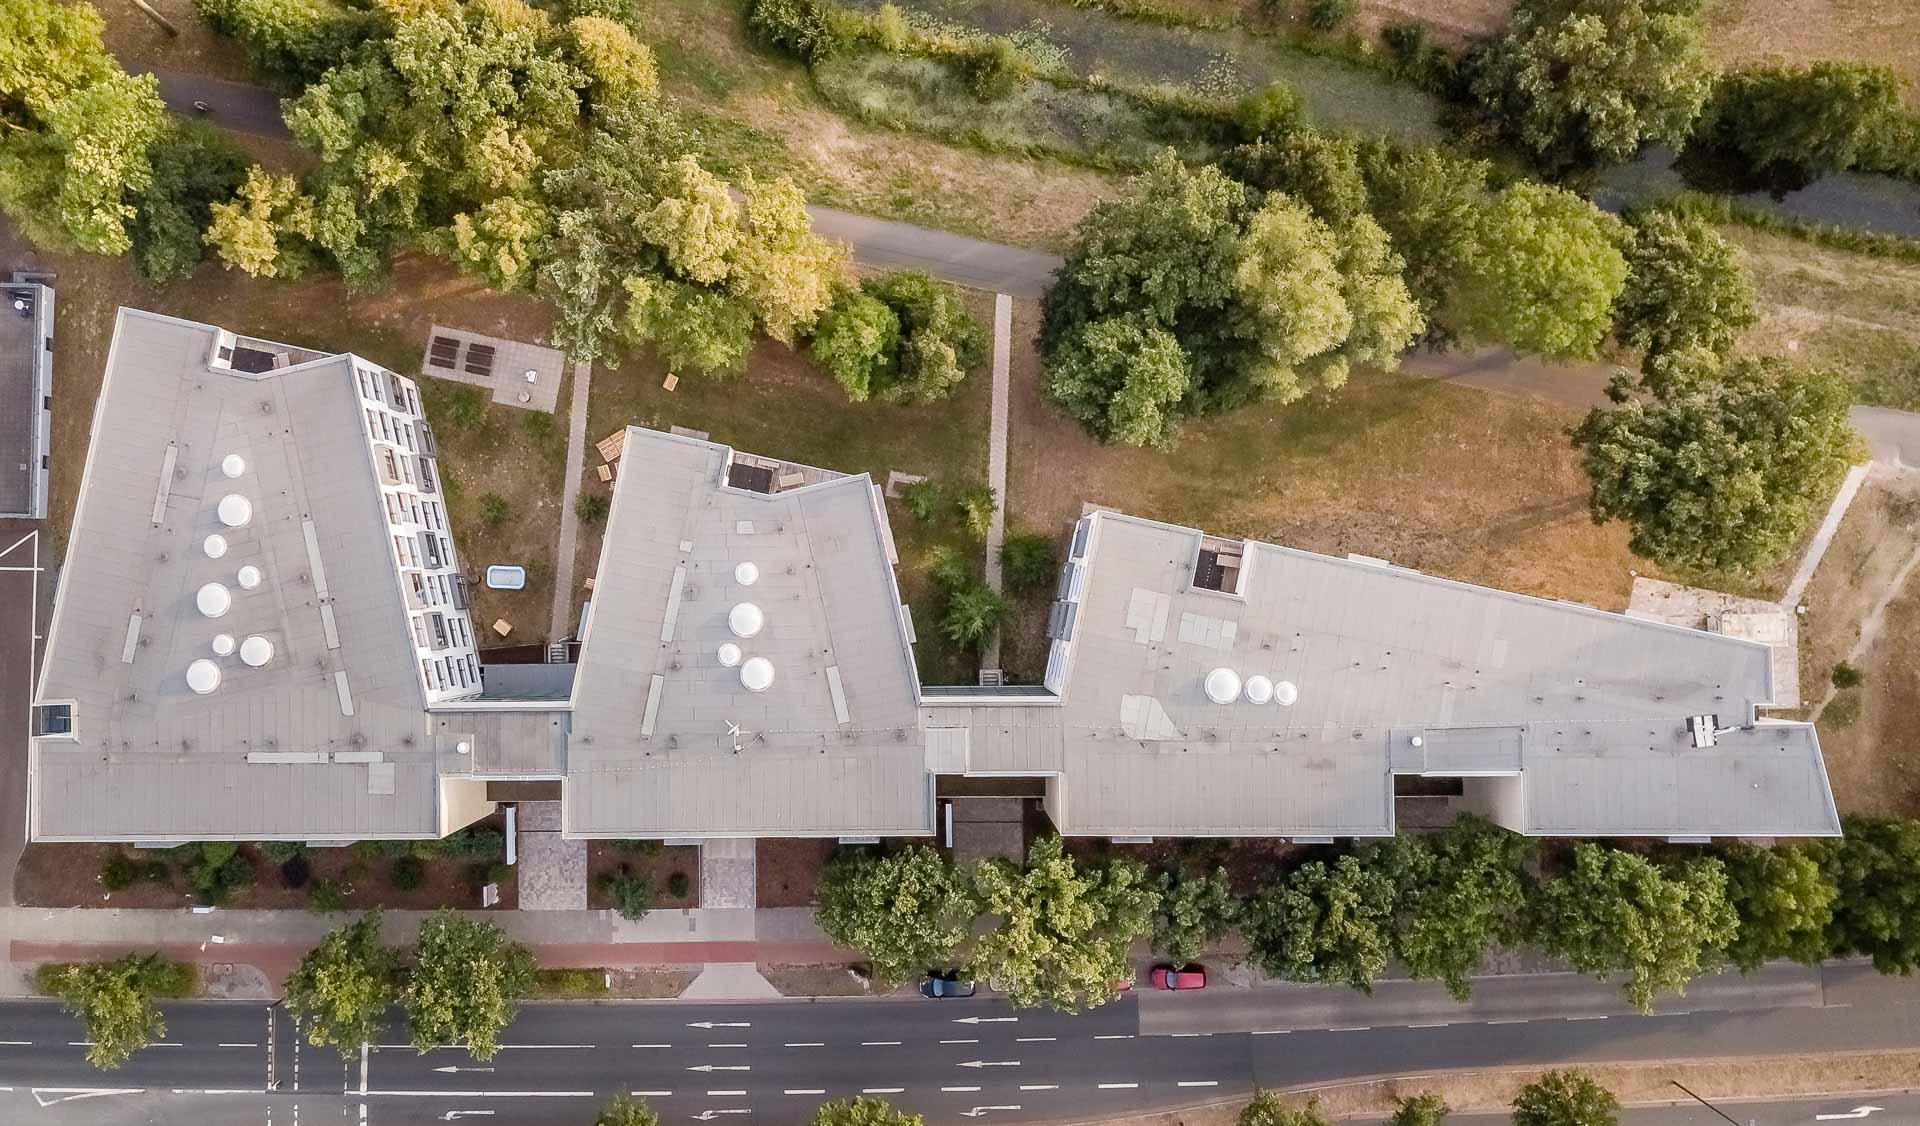 Luftaufnahme des THE FIZZ Bremen Gebäudes Vogelperspektive